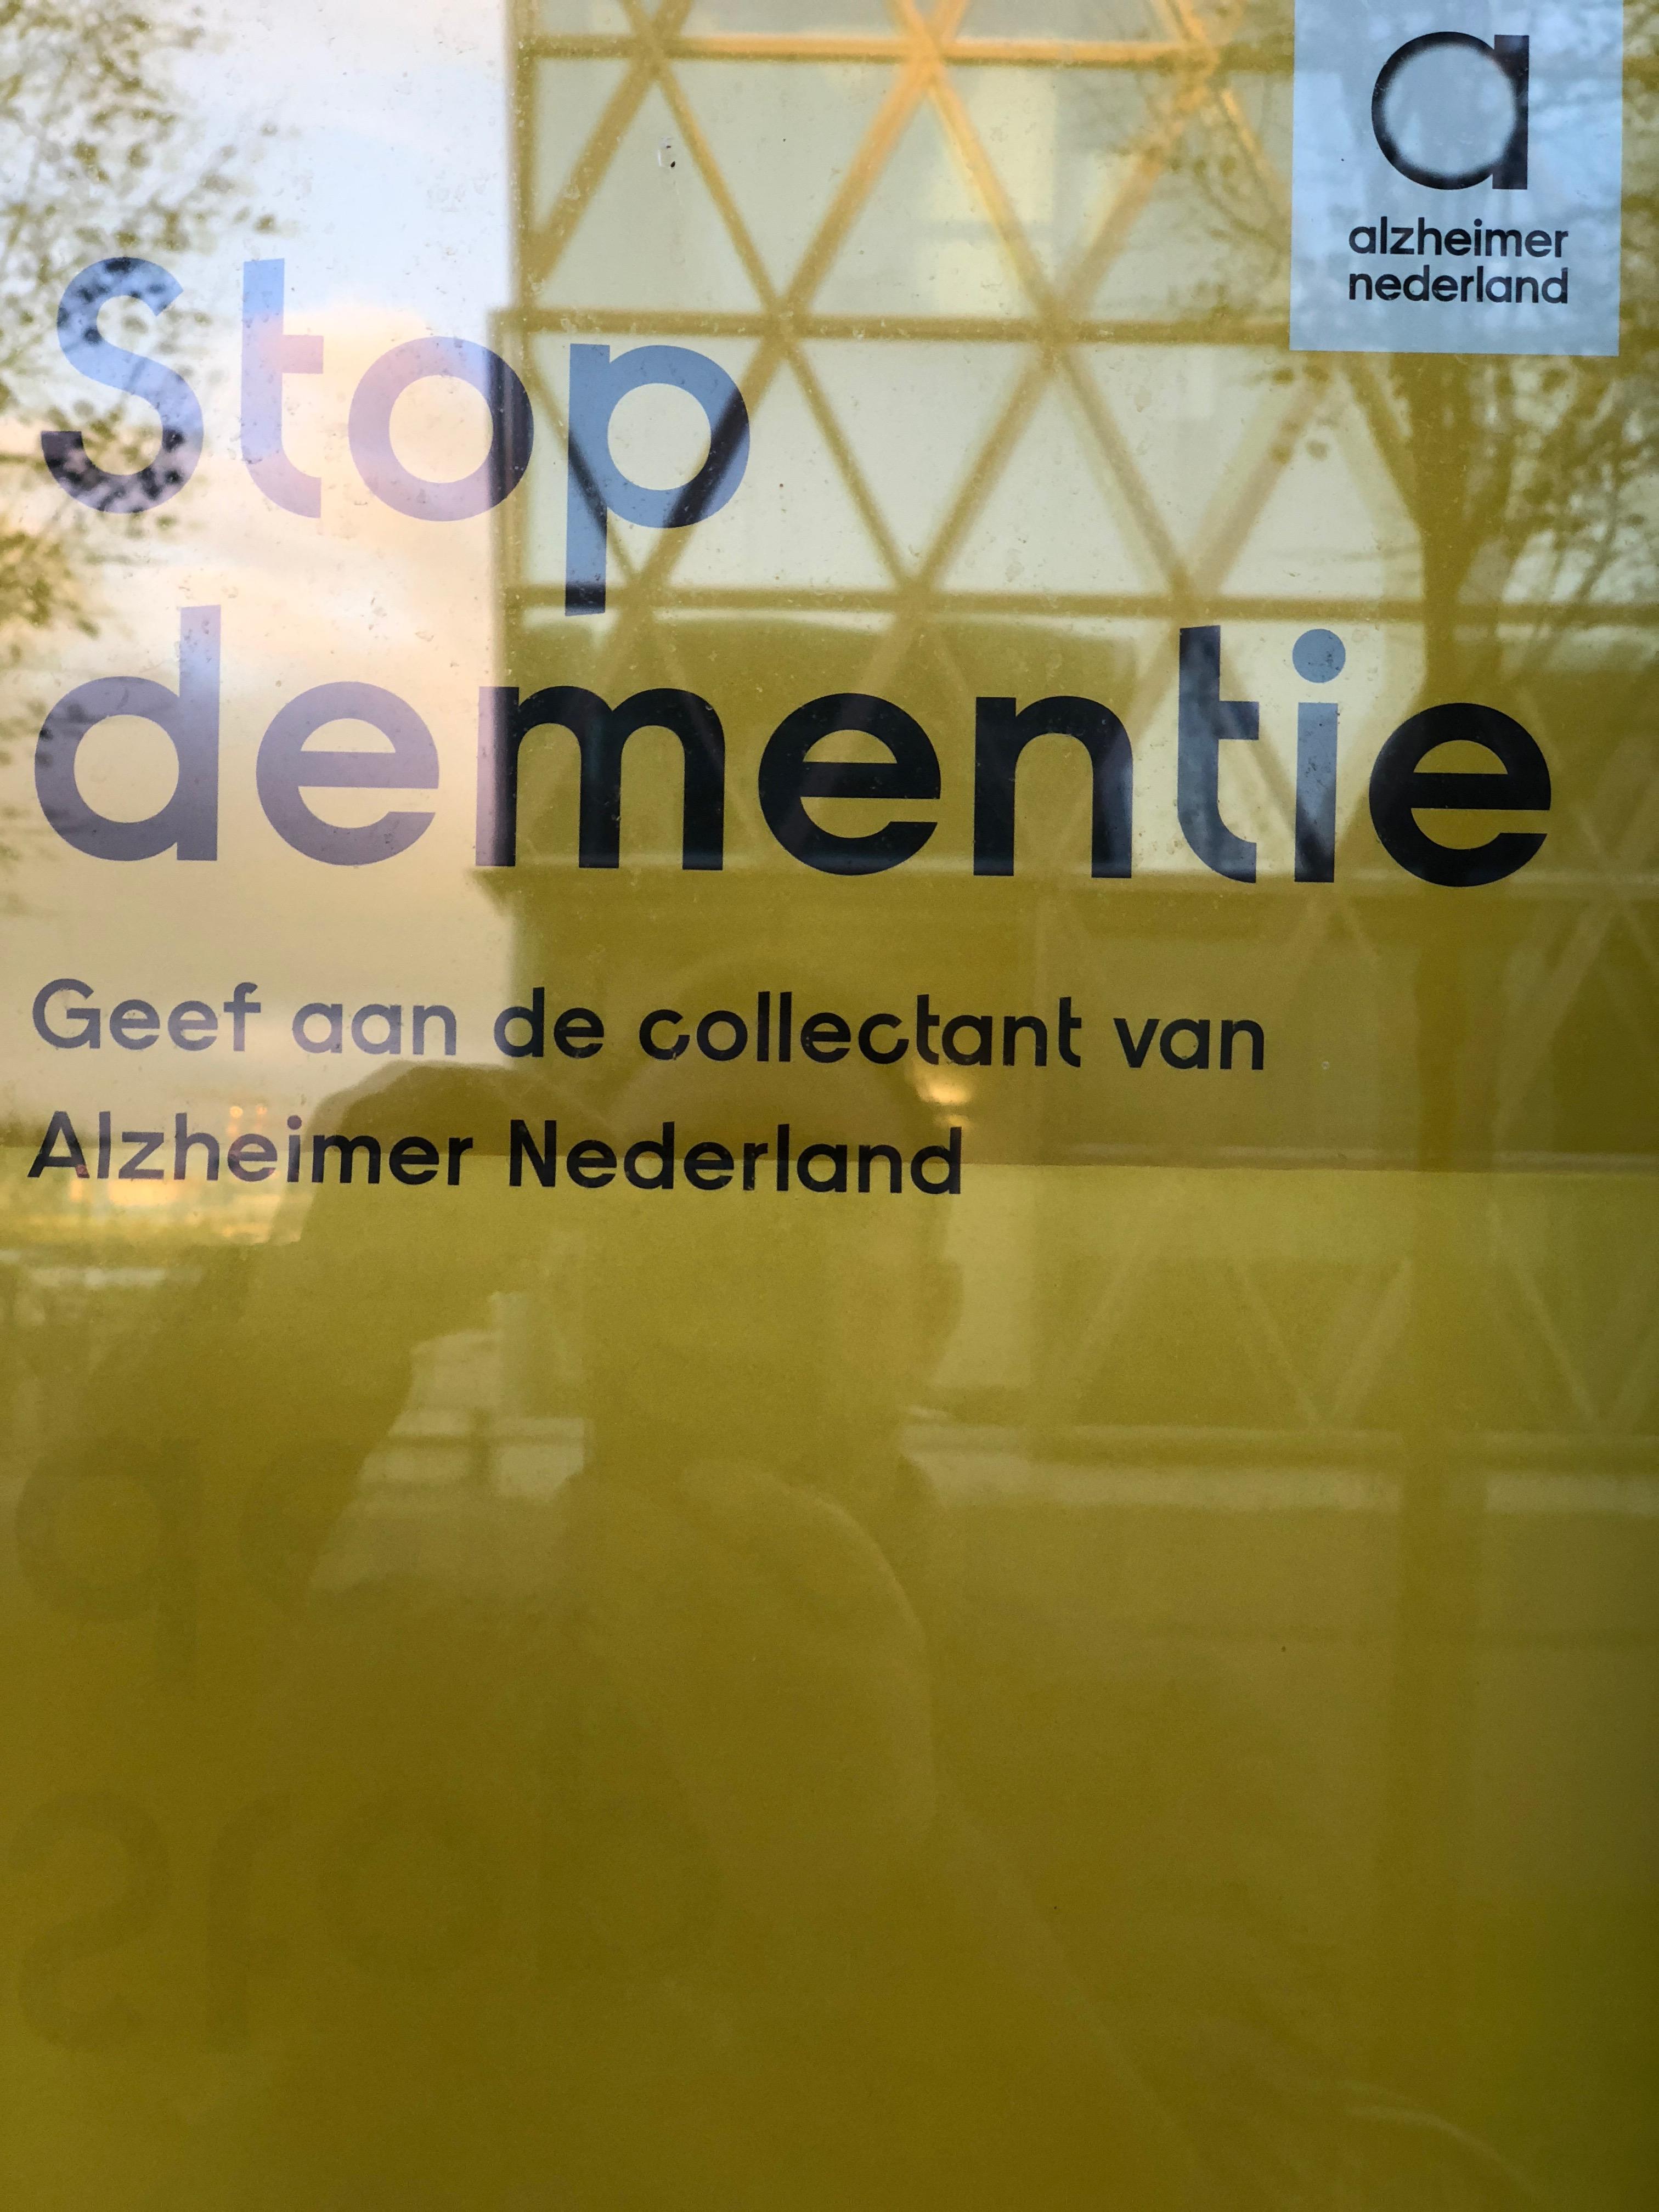 Collecte Alzheimer-Nederland (2017)